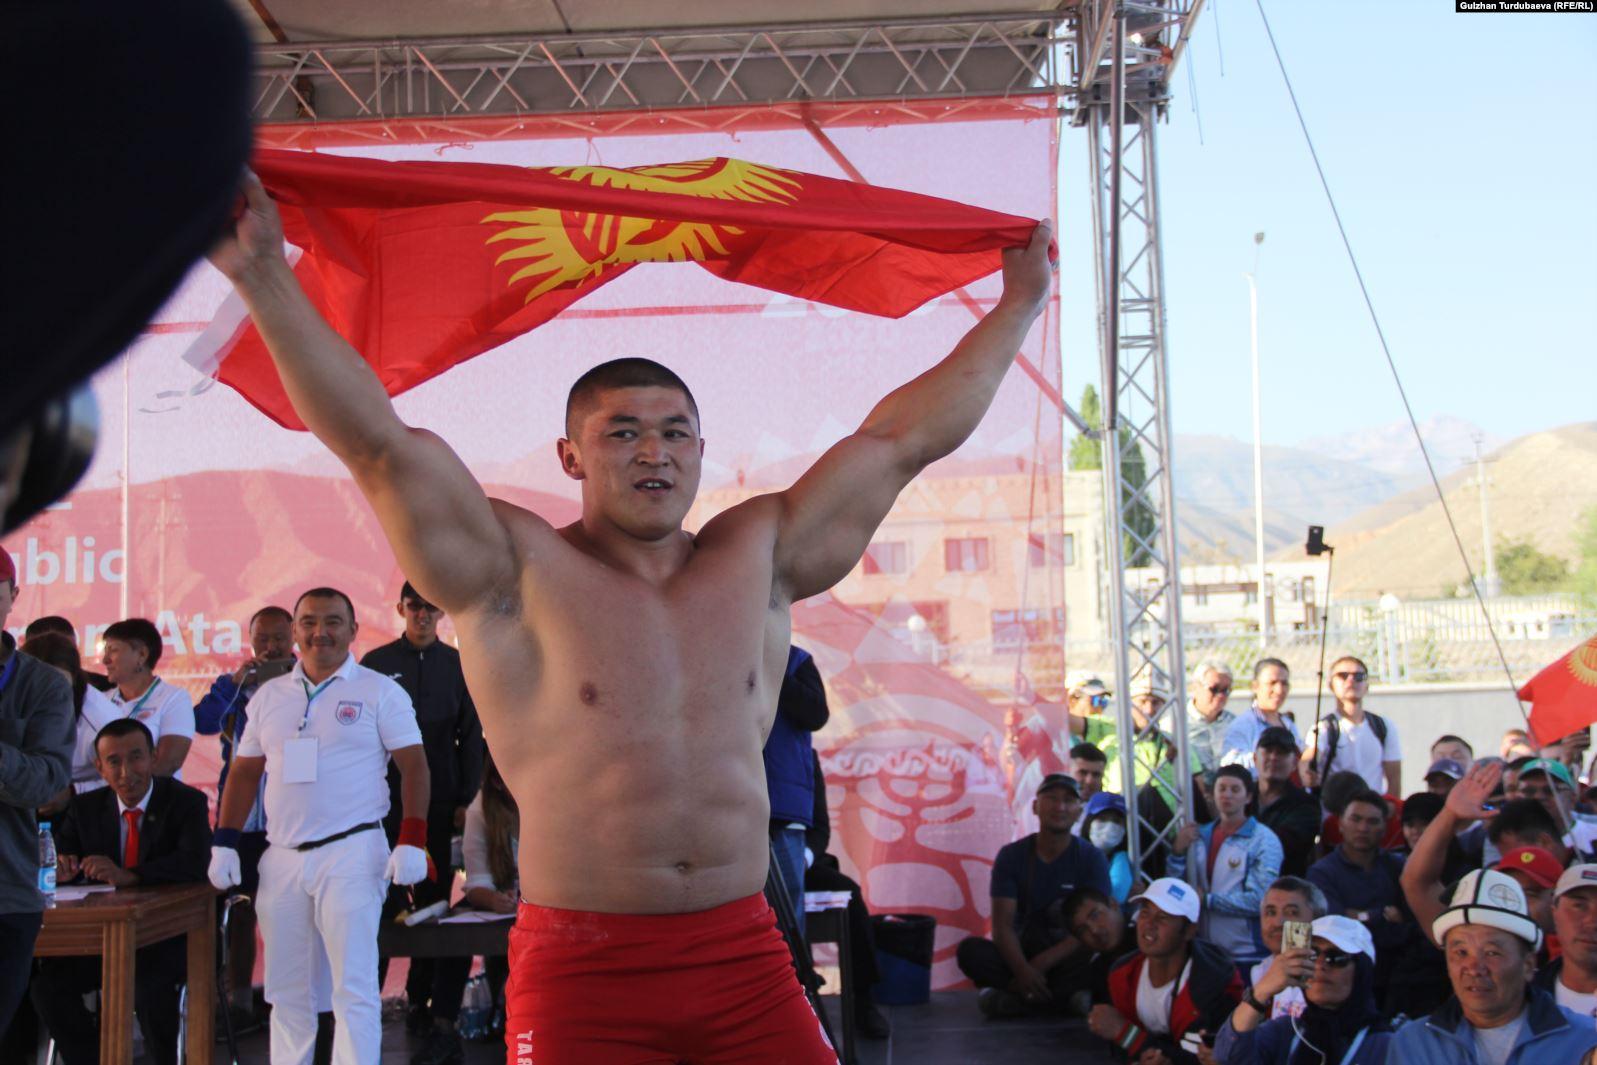 В Кыргызстане впервые появились мастера спорта международного класса по мас-рестлингу